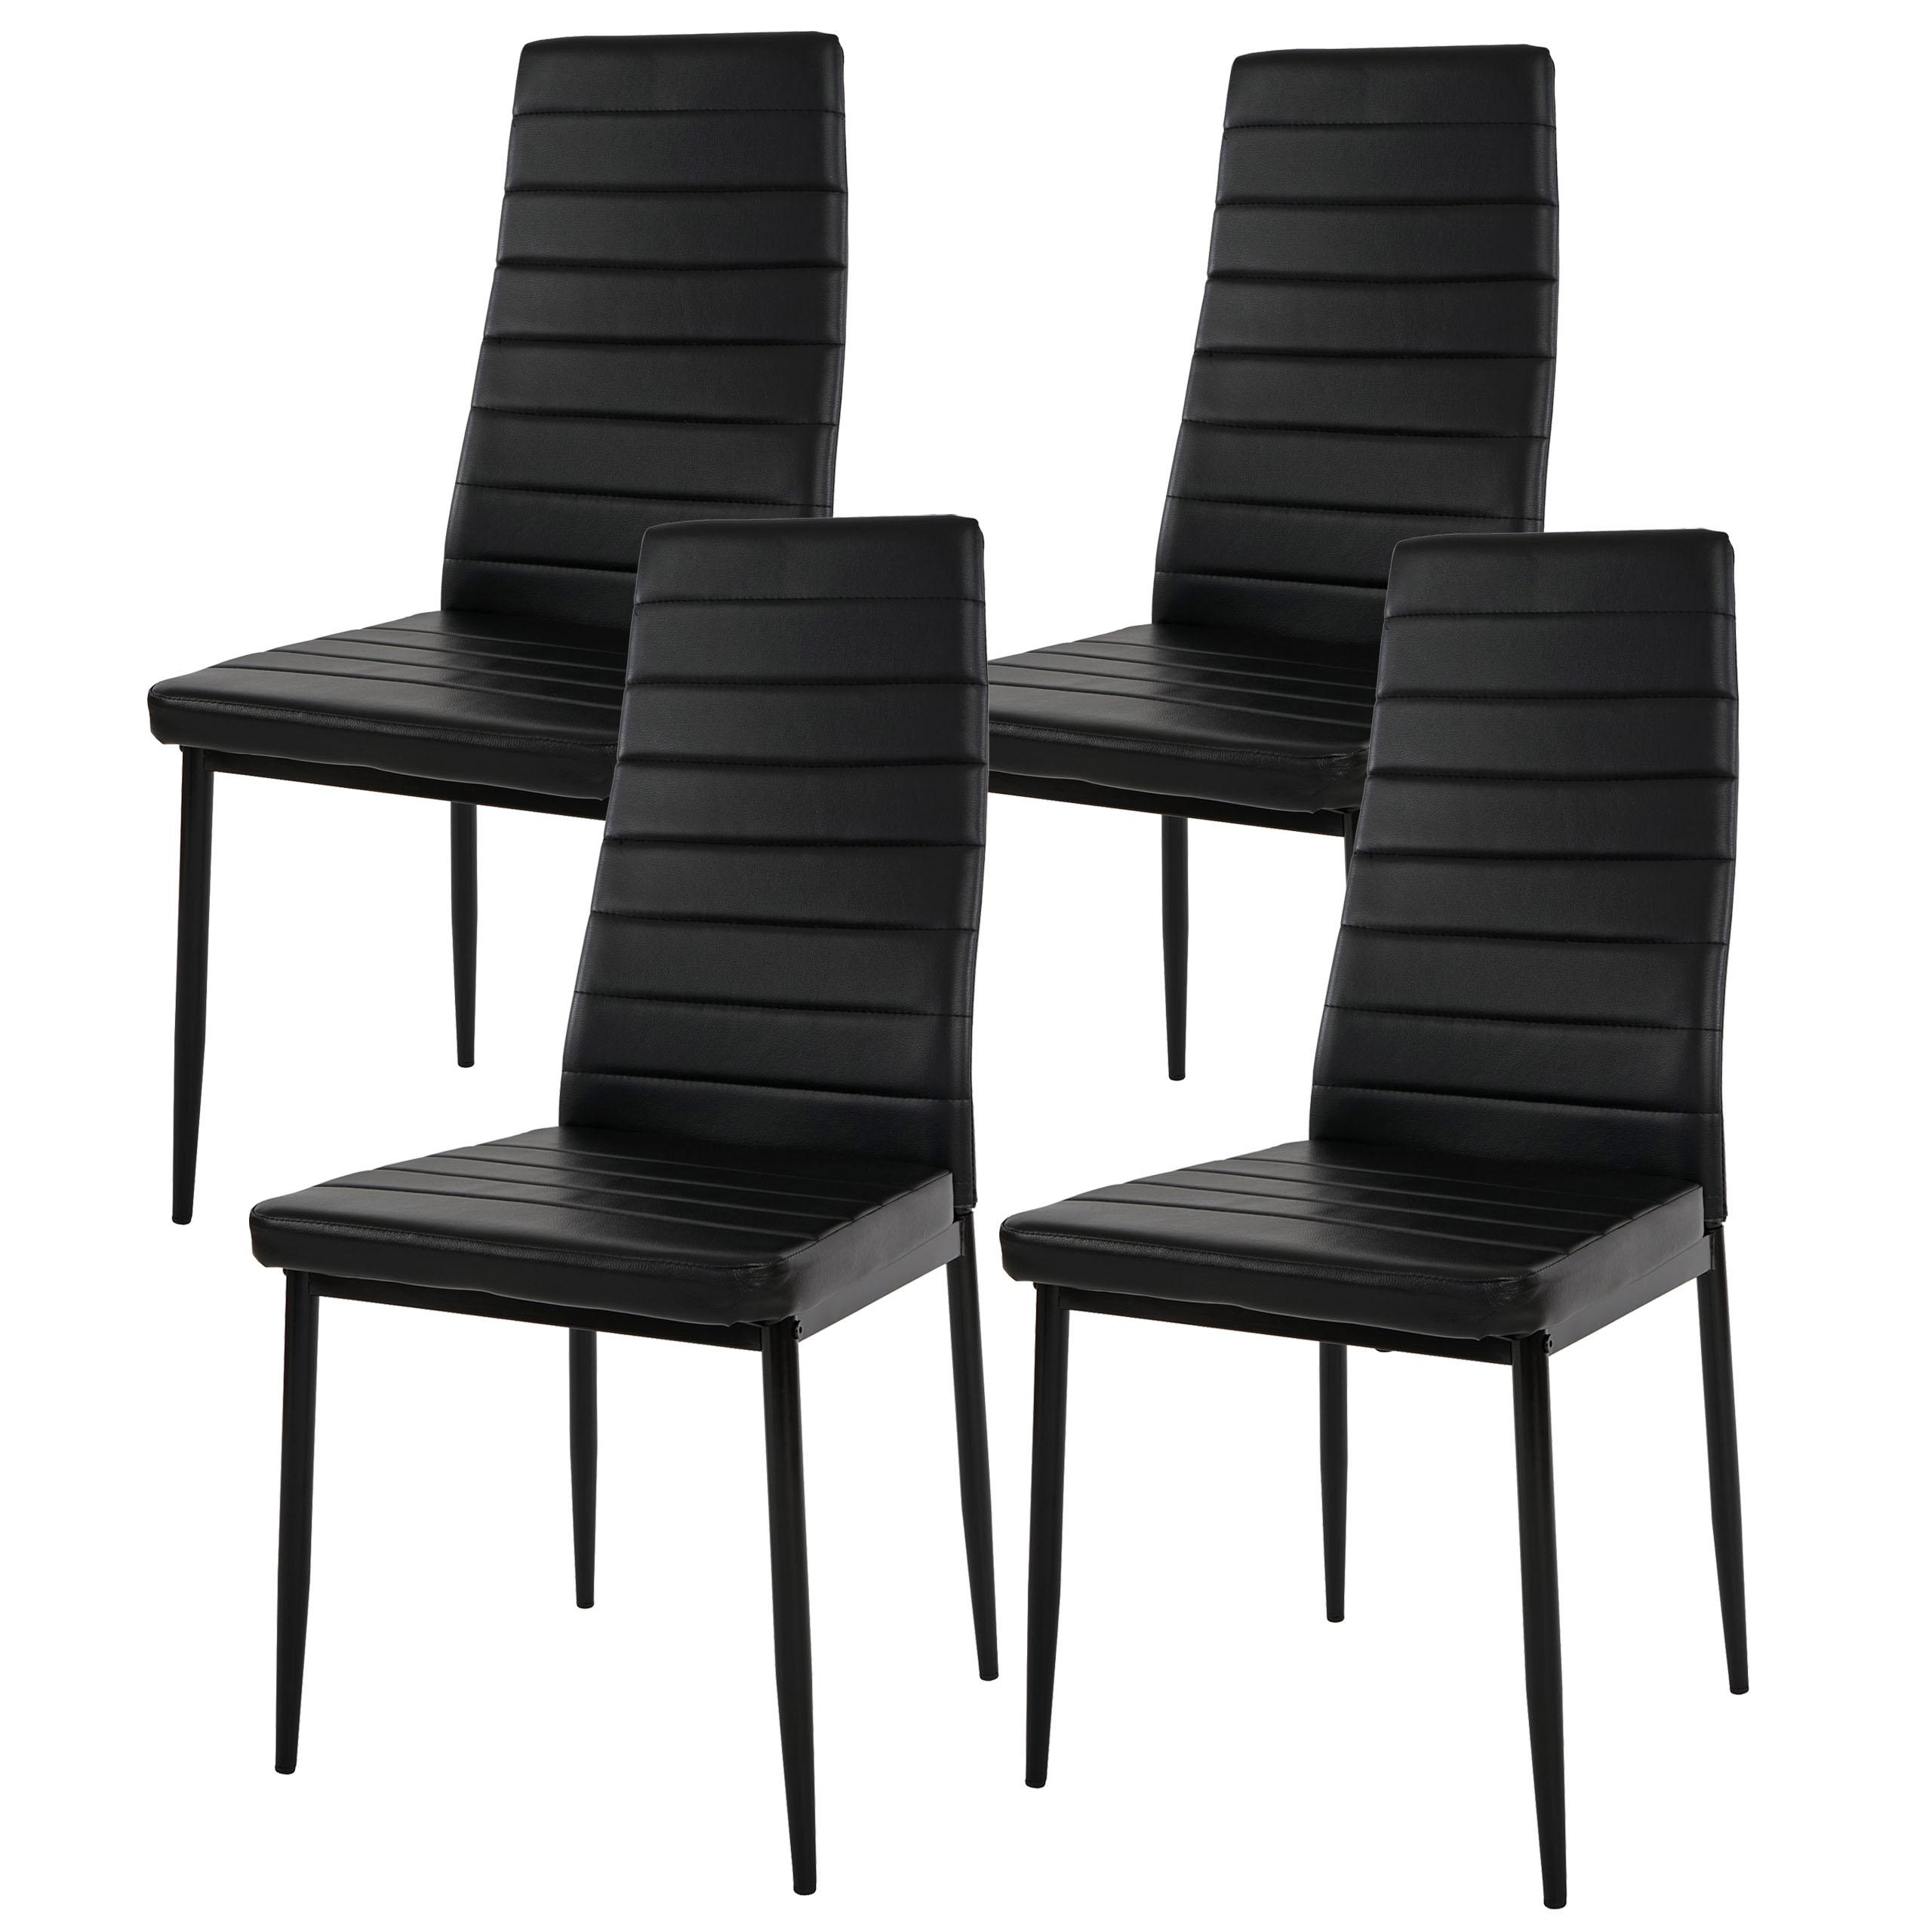 Lote 4 sillas de comedor o cocina kiros gran acolchado for Sillas de cocina precios